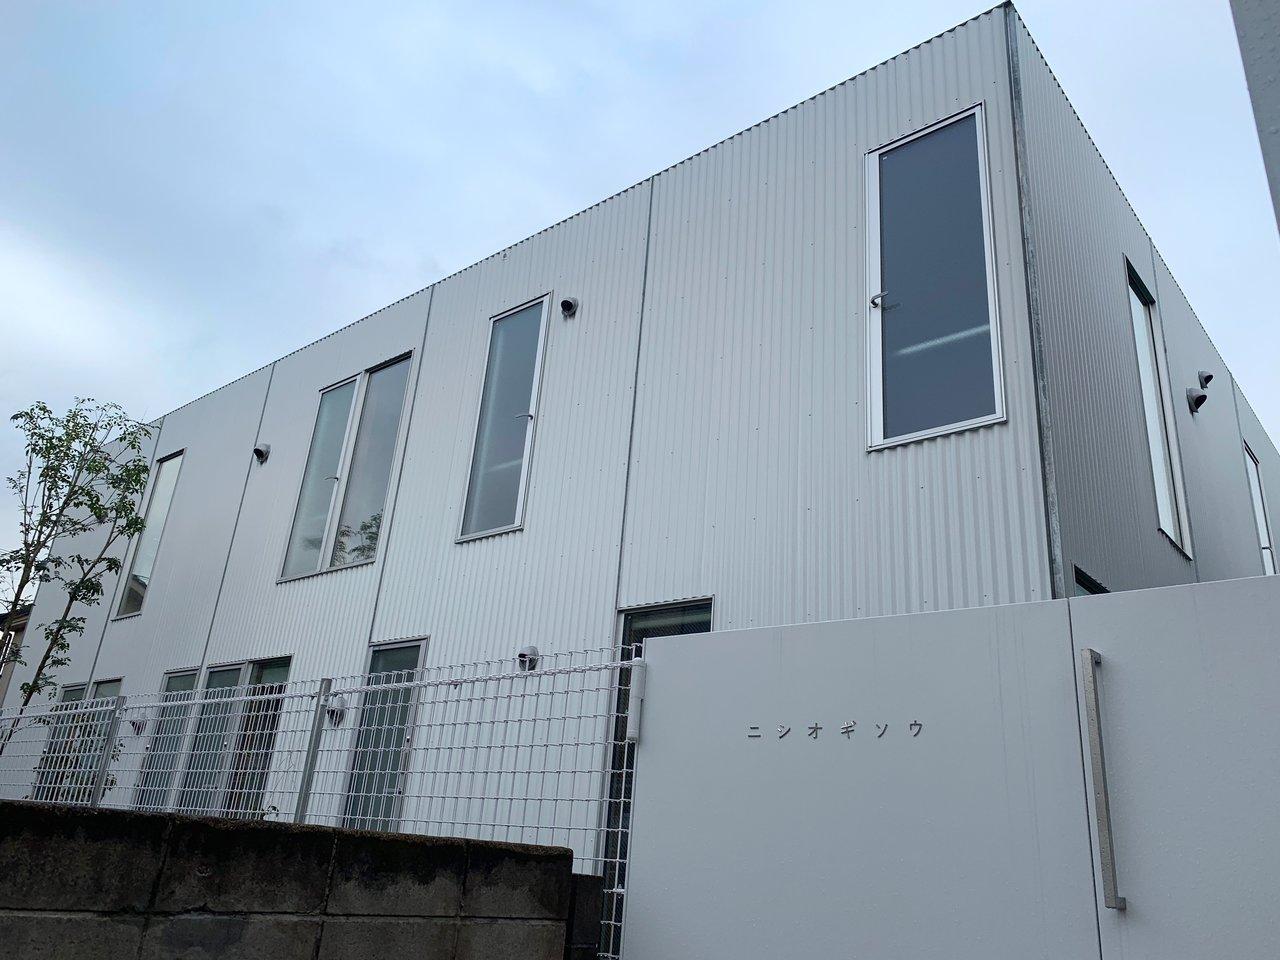 西荻窪から徒歩7分の場所にあるデザイナーズ賃貸。過去には建築雑誌〈新建築〉に掲載されたことも。1DKのお部屋は1階がダイニング、2階にリビングと分かれています。